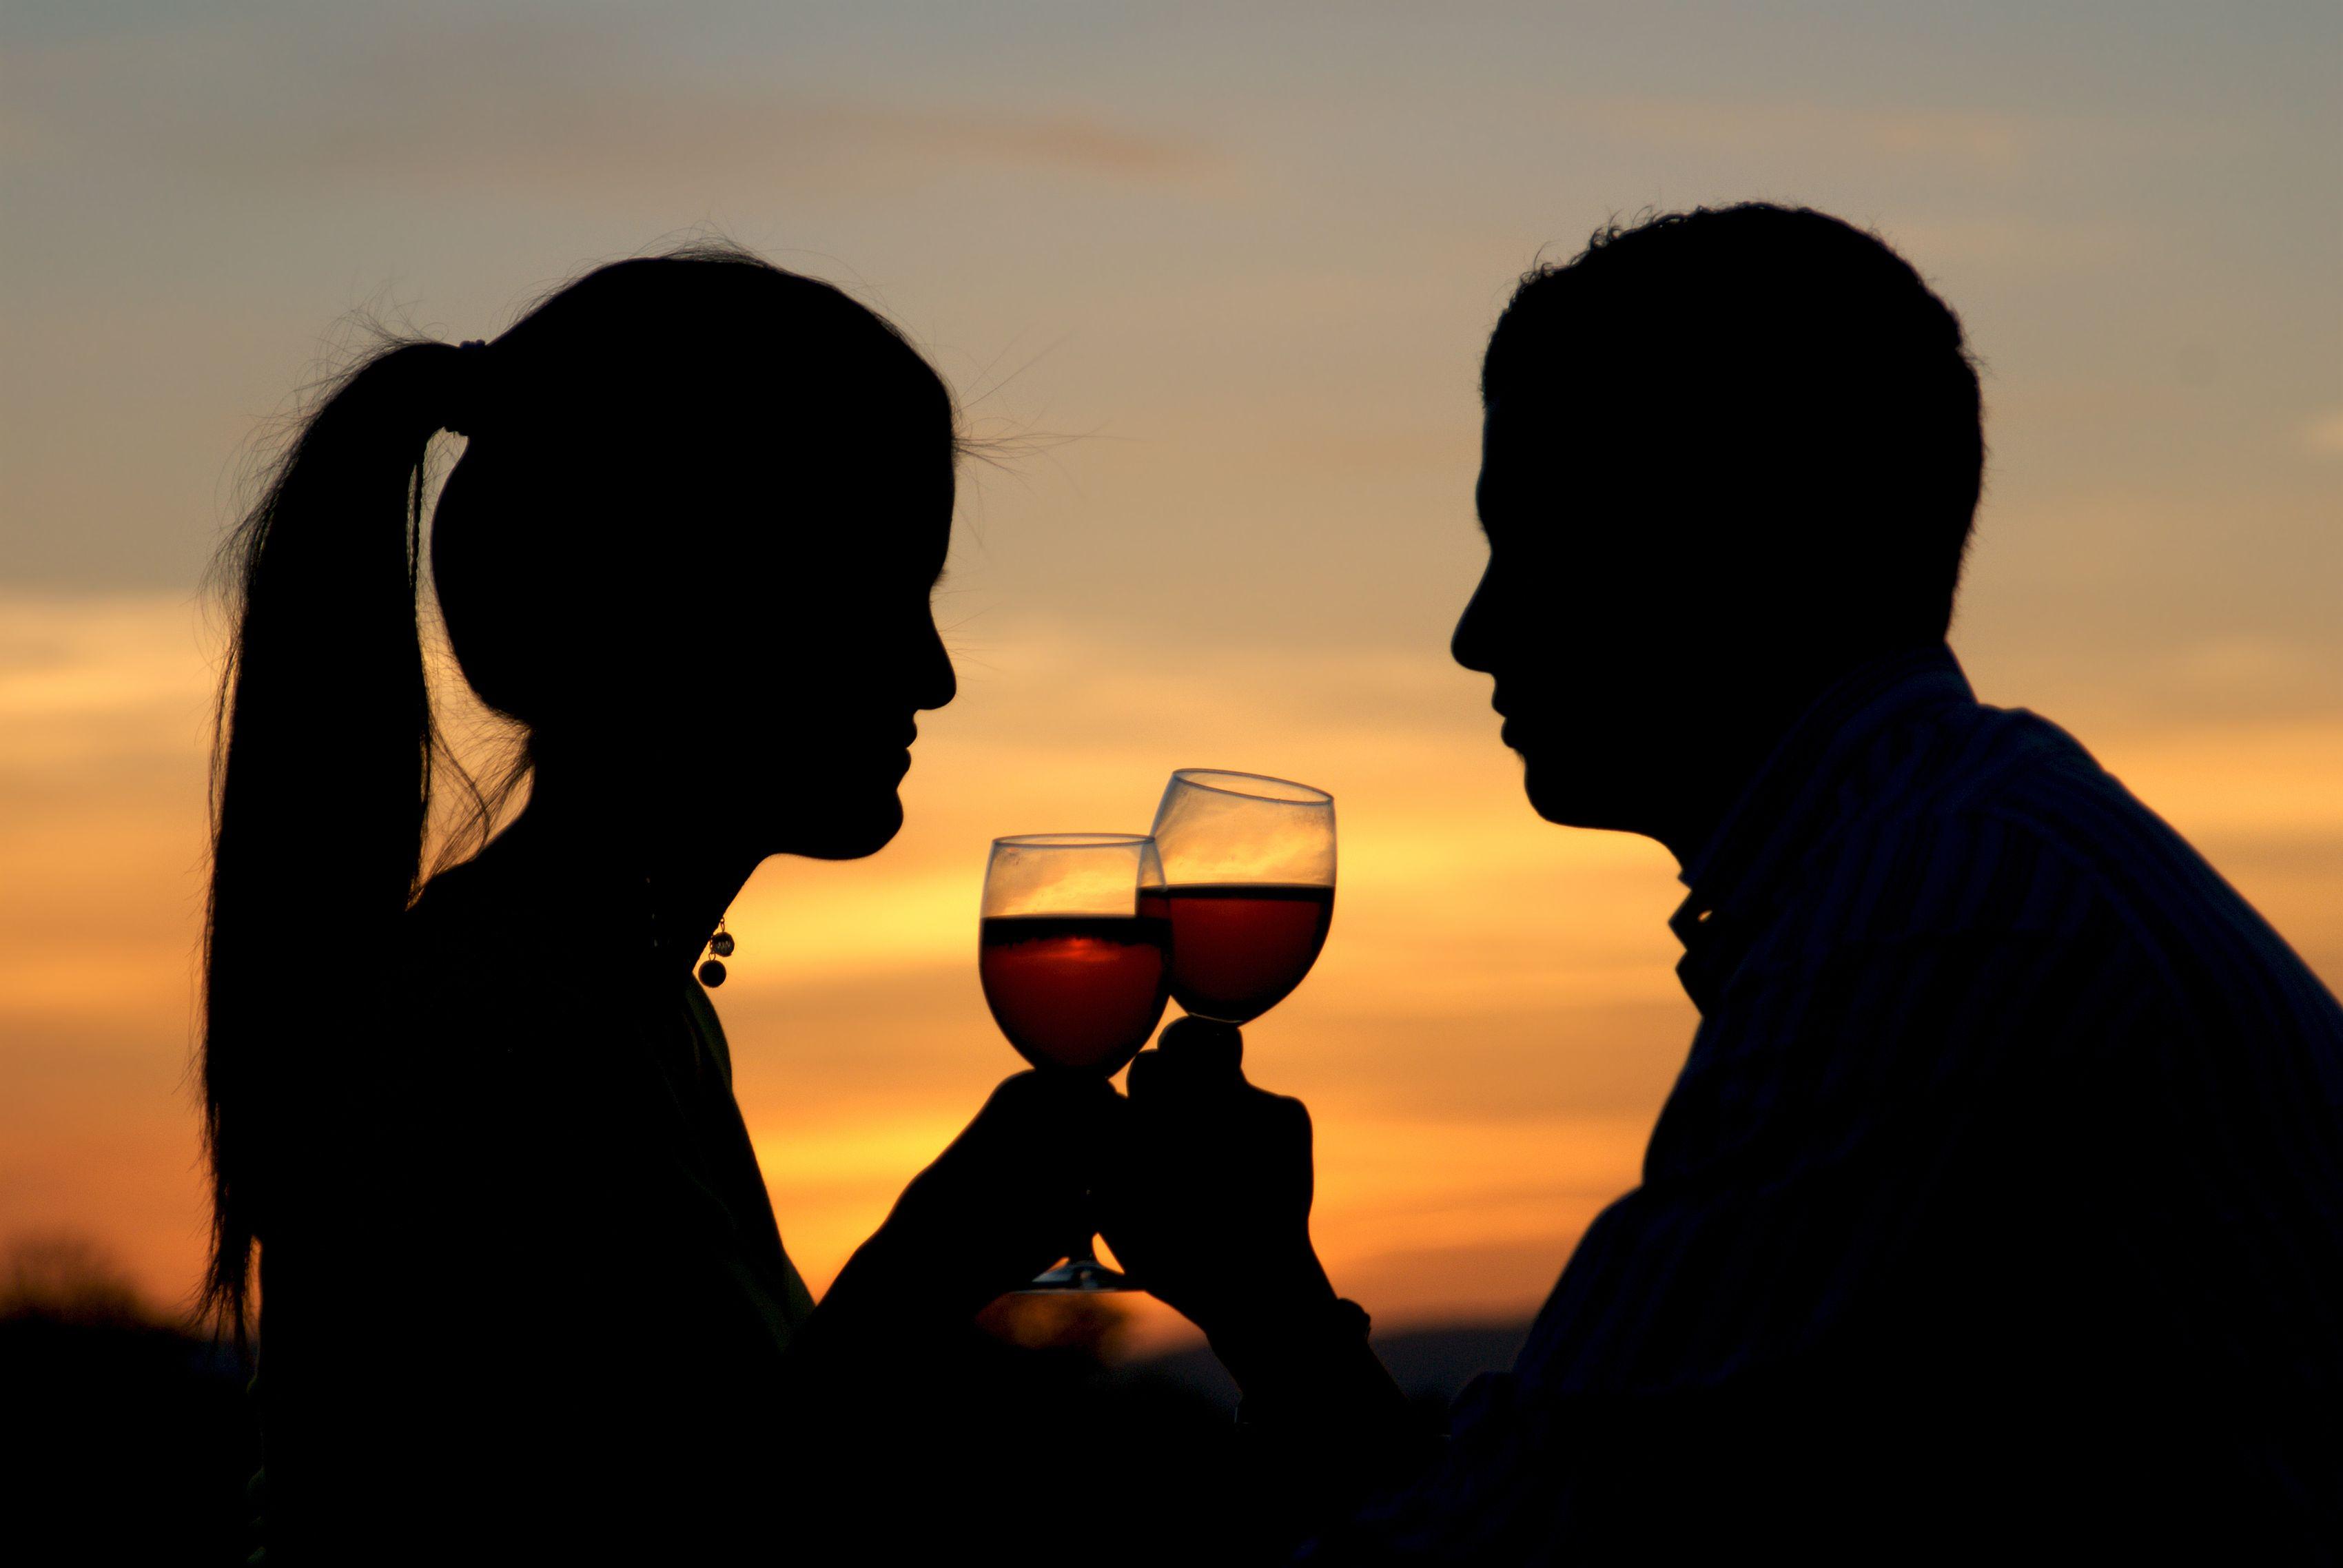 couple-sunset-wine.jpg (3400×2276) | Wine, 1 year anniversary gifts, Year  anniversary gifts